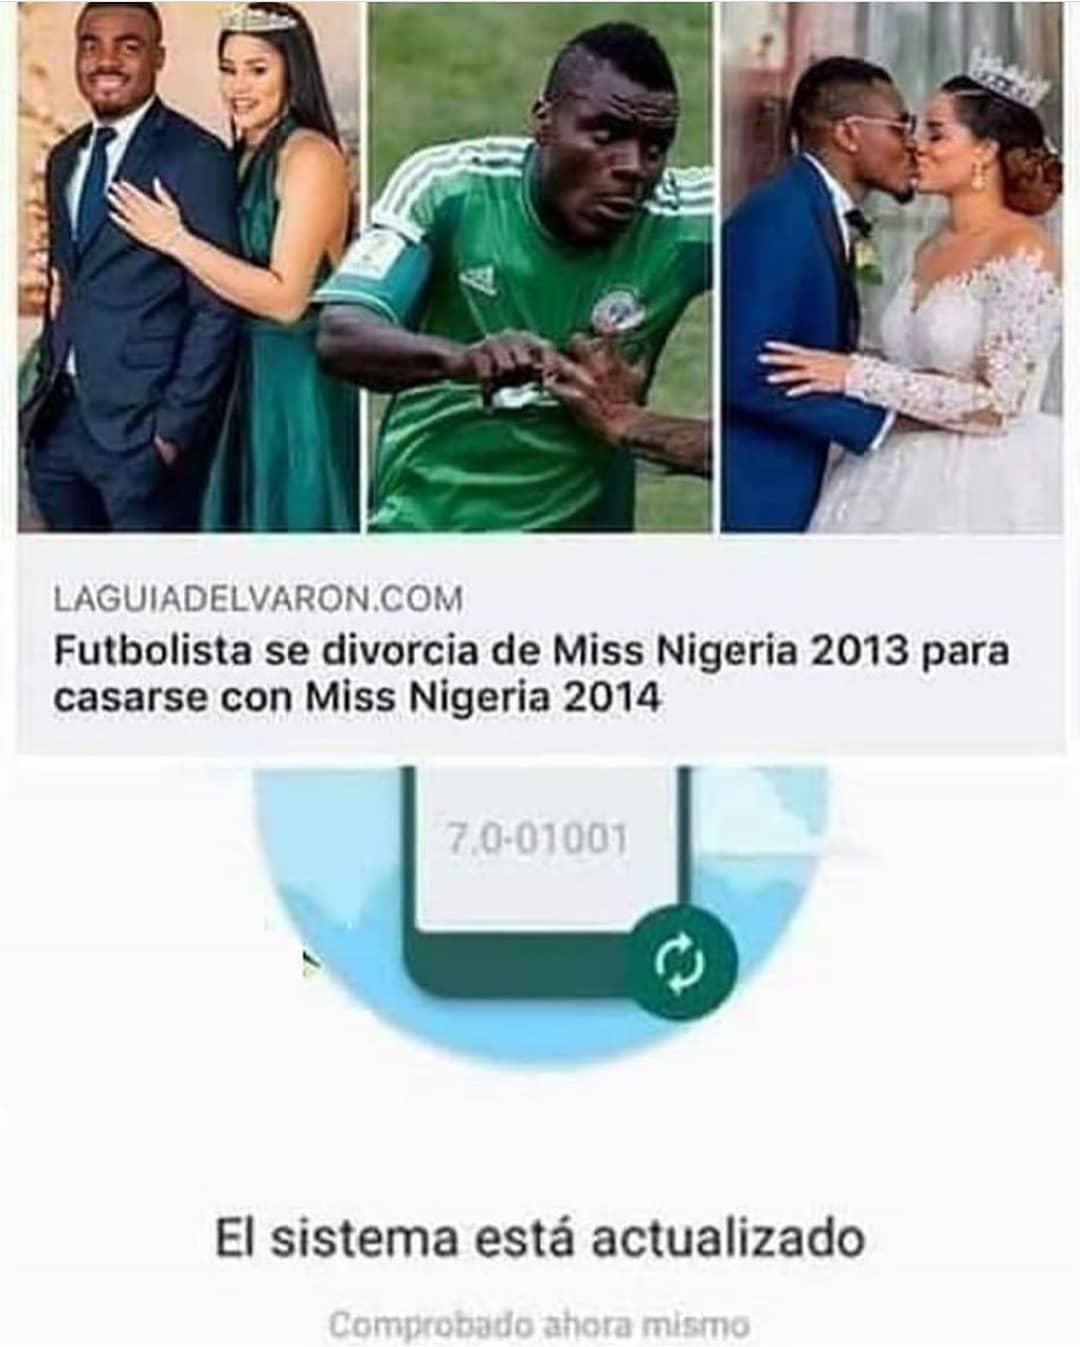 Futbolista se divorcia de Miss Nigeria 2013 para casarse con Miss Nigeria 2014. El sistema está actualizado.